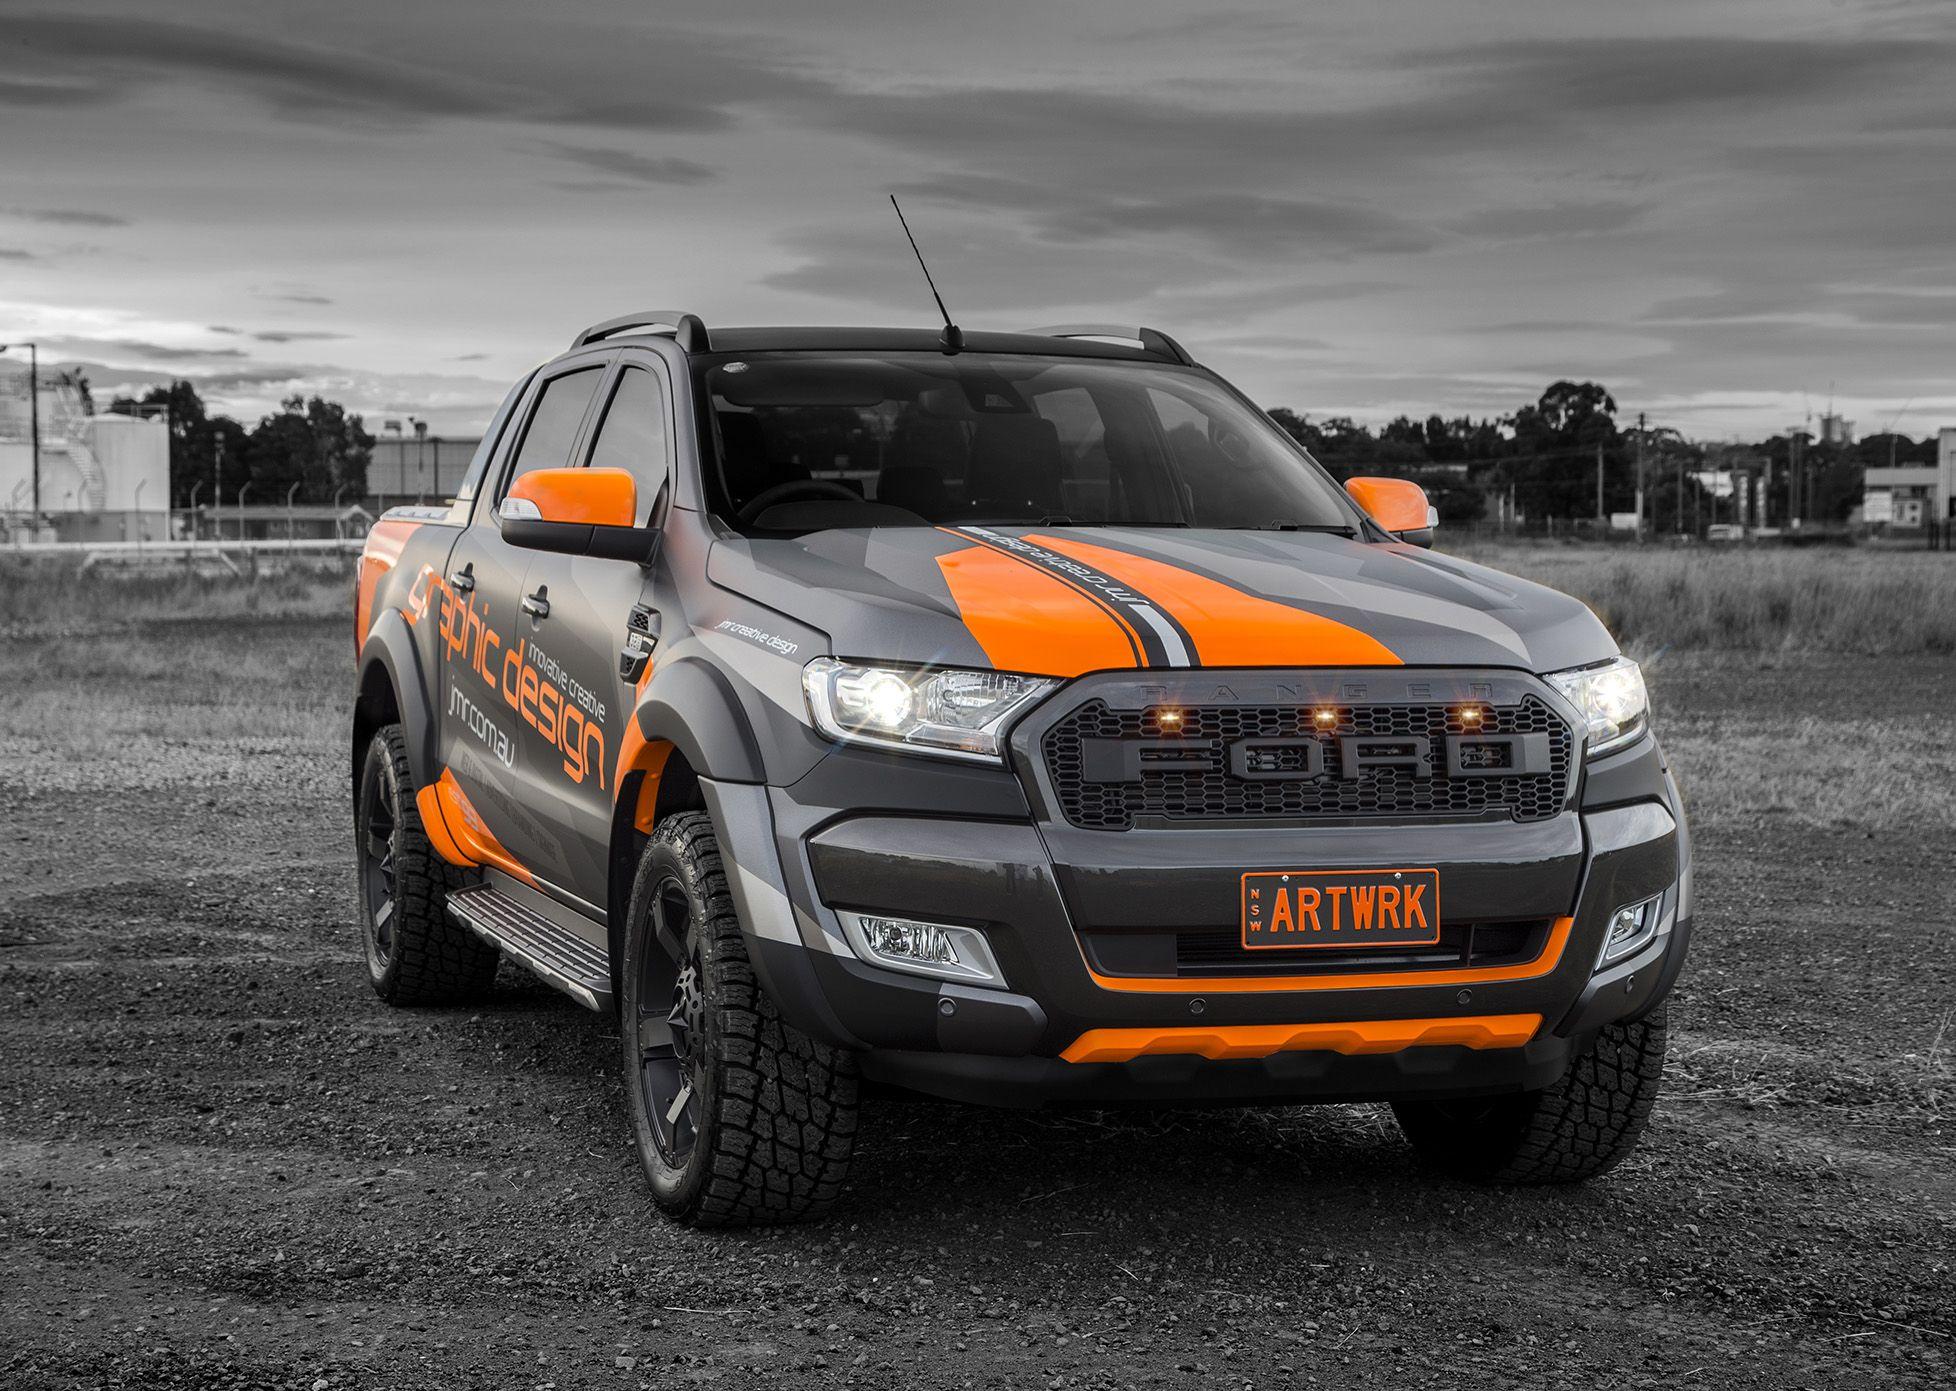 Dark Ranger In 2020 Ford Ranger Wildtrak Ford Ranger Ranger Car